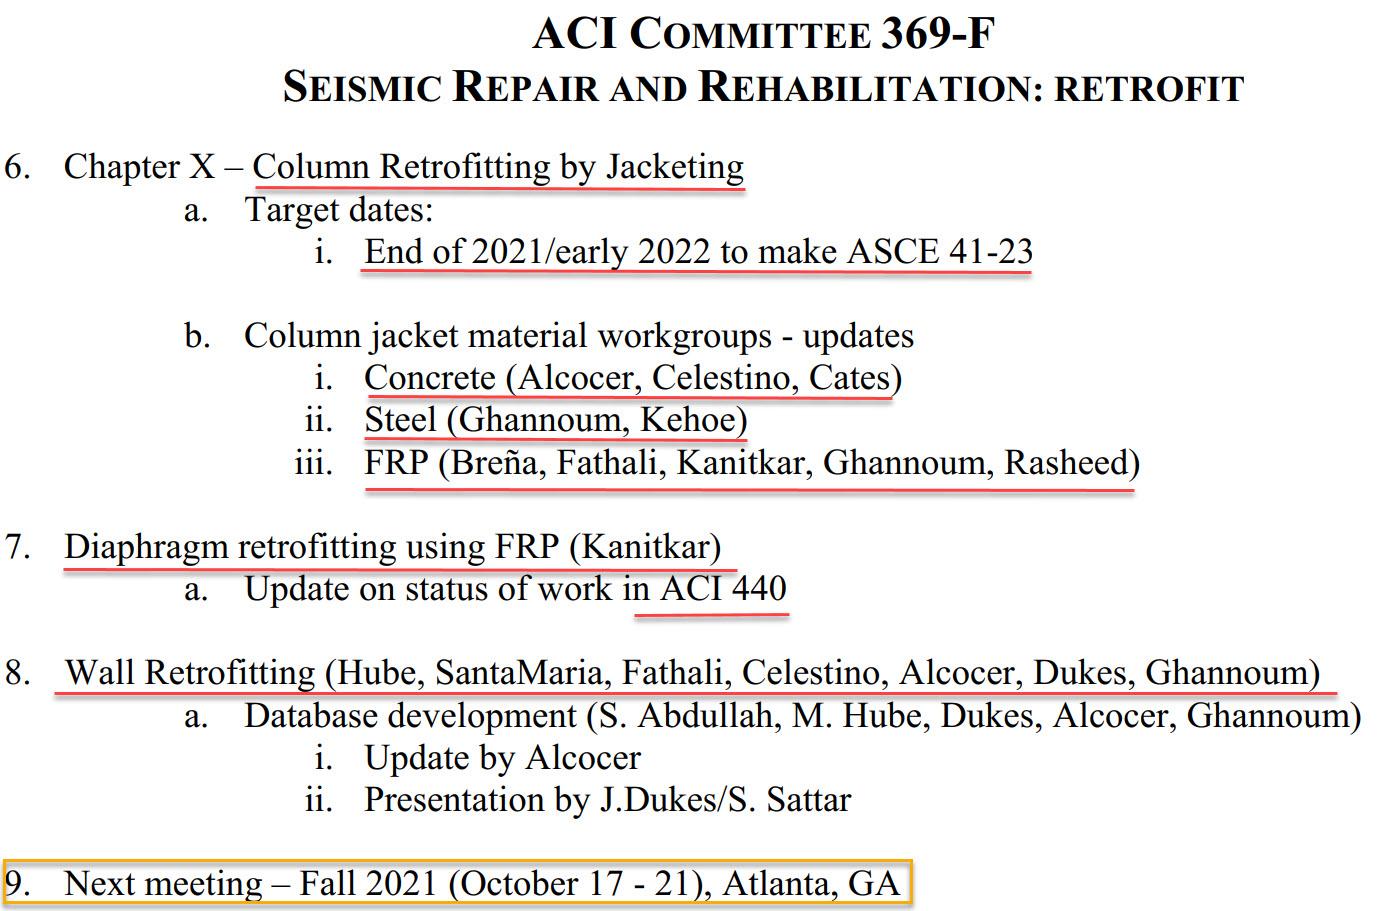 مدلهای رفتاری برای مقاومسازی ستونها، دیافراگمها و دیوارها  که وارد ASCE 41-23 خواهد شد